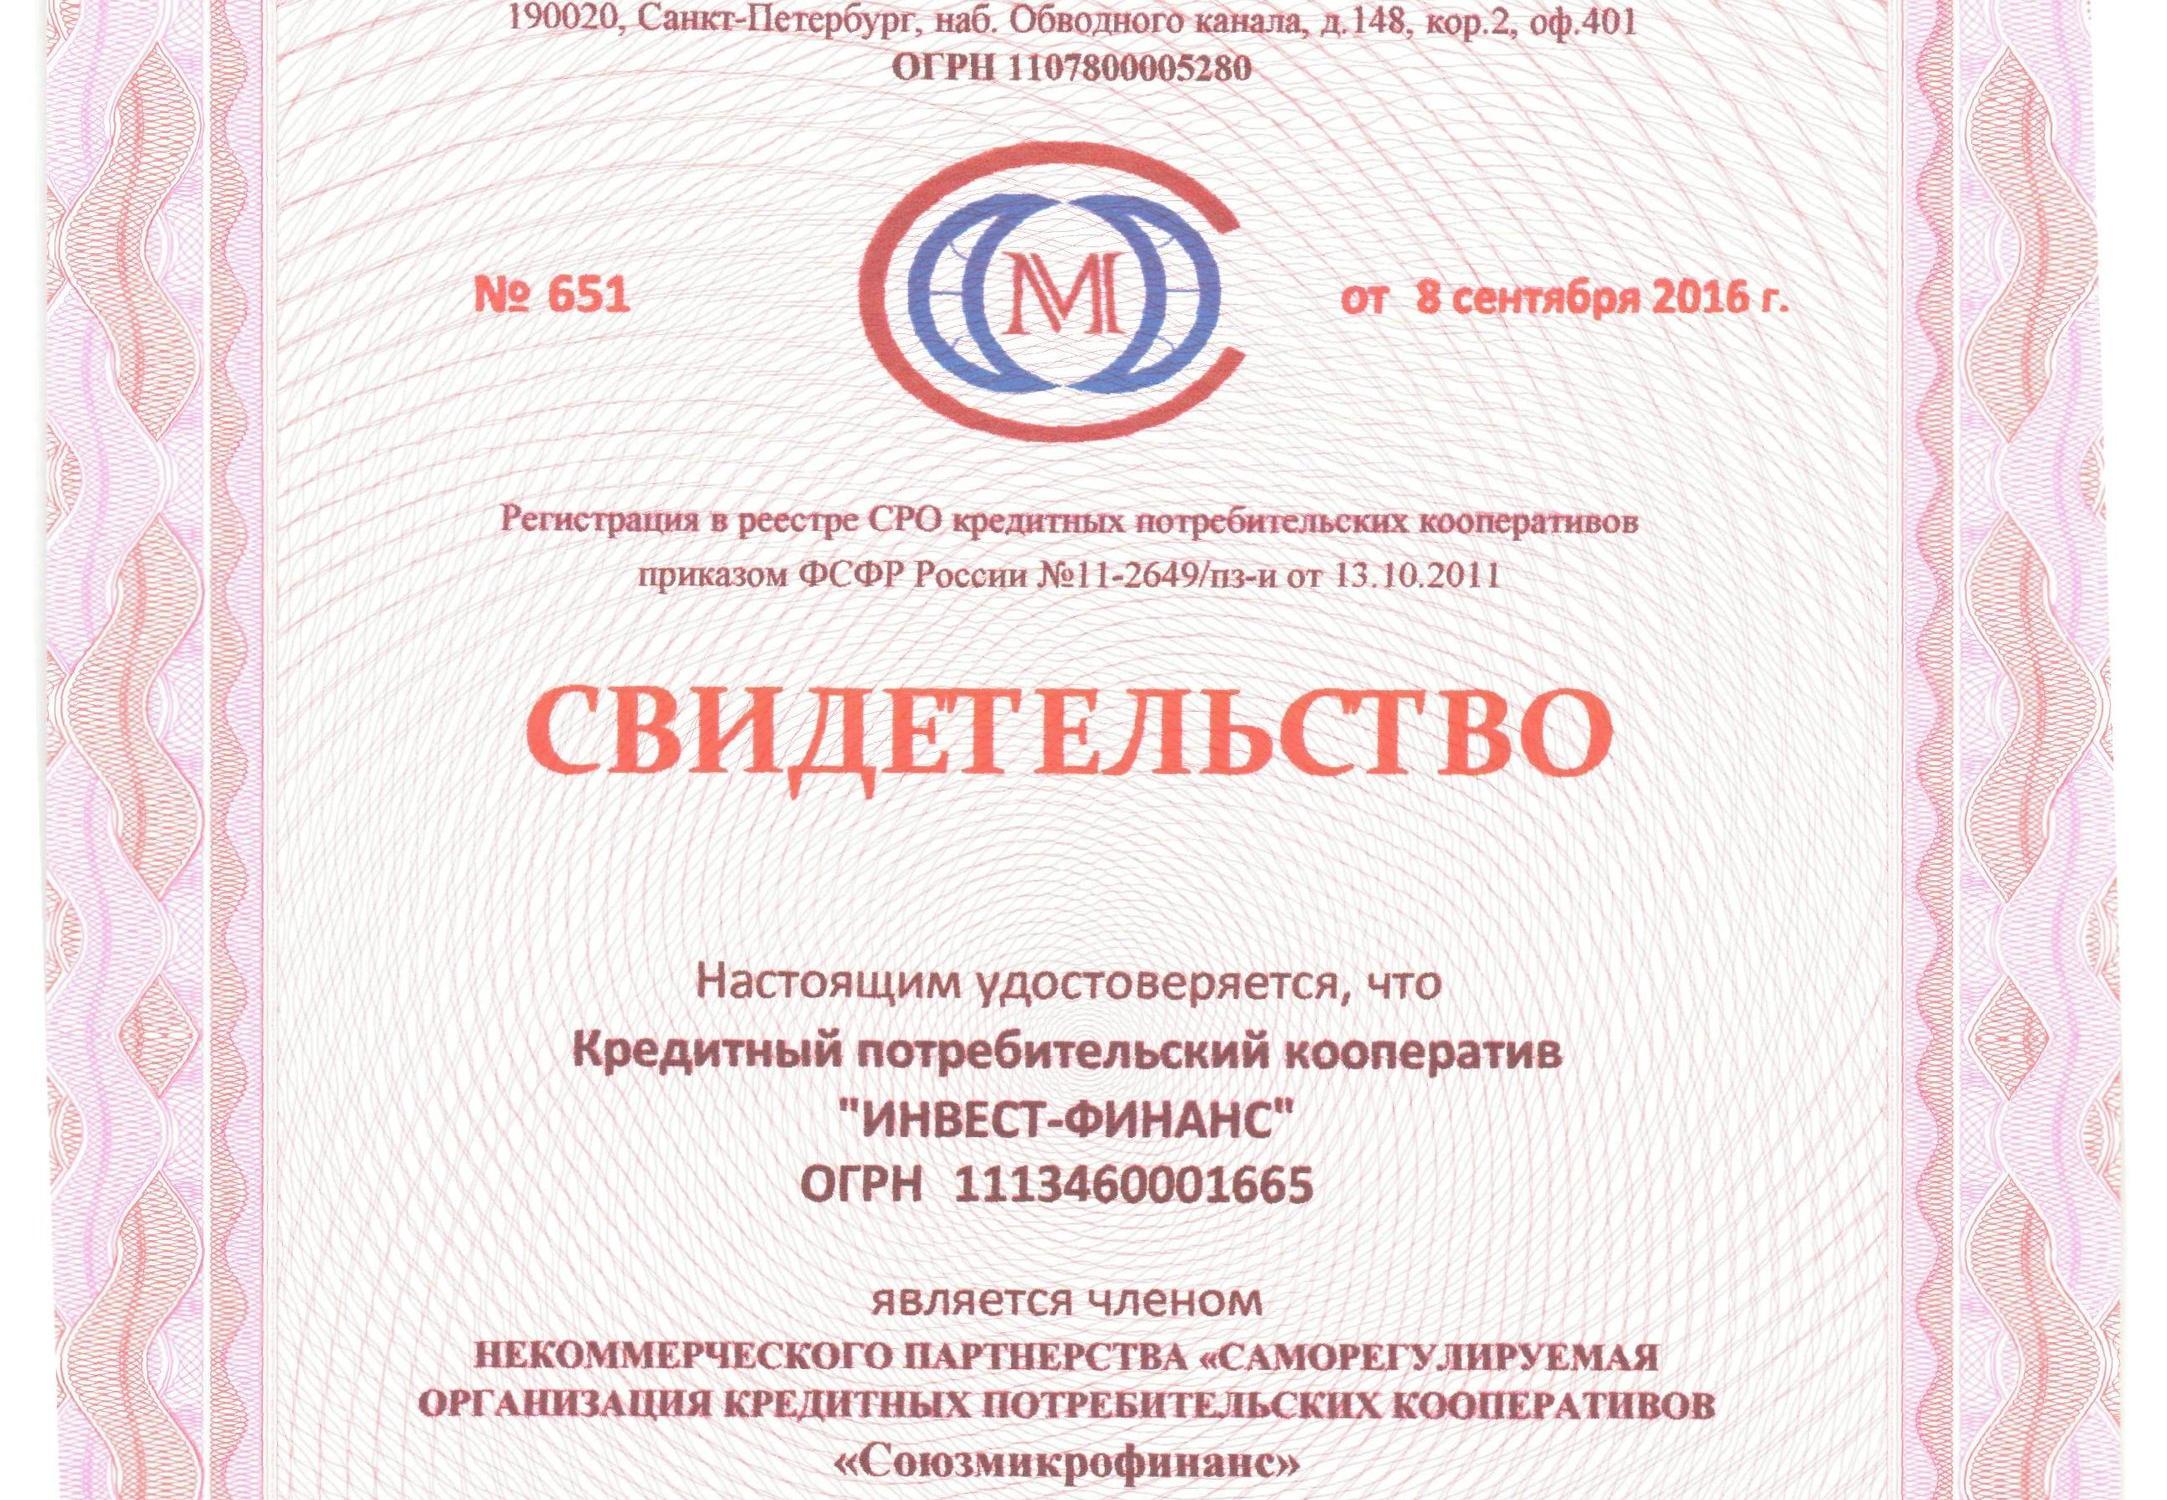 как перевести деньги с телефона на другой телефон билайн казахстан